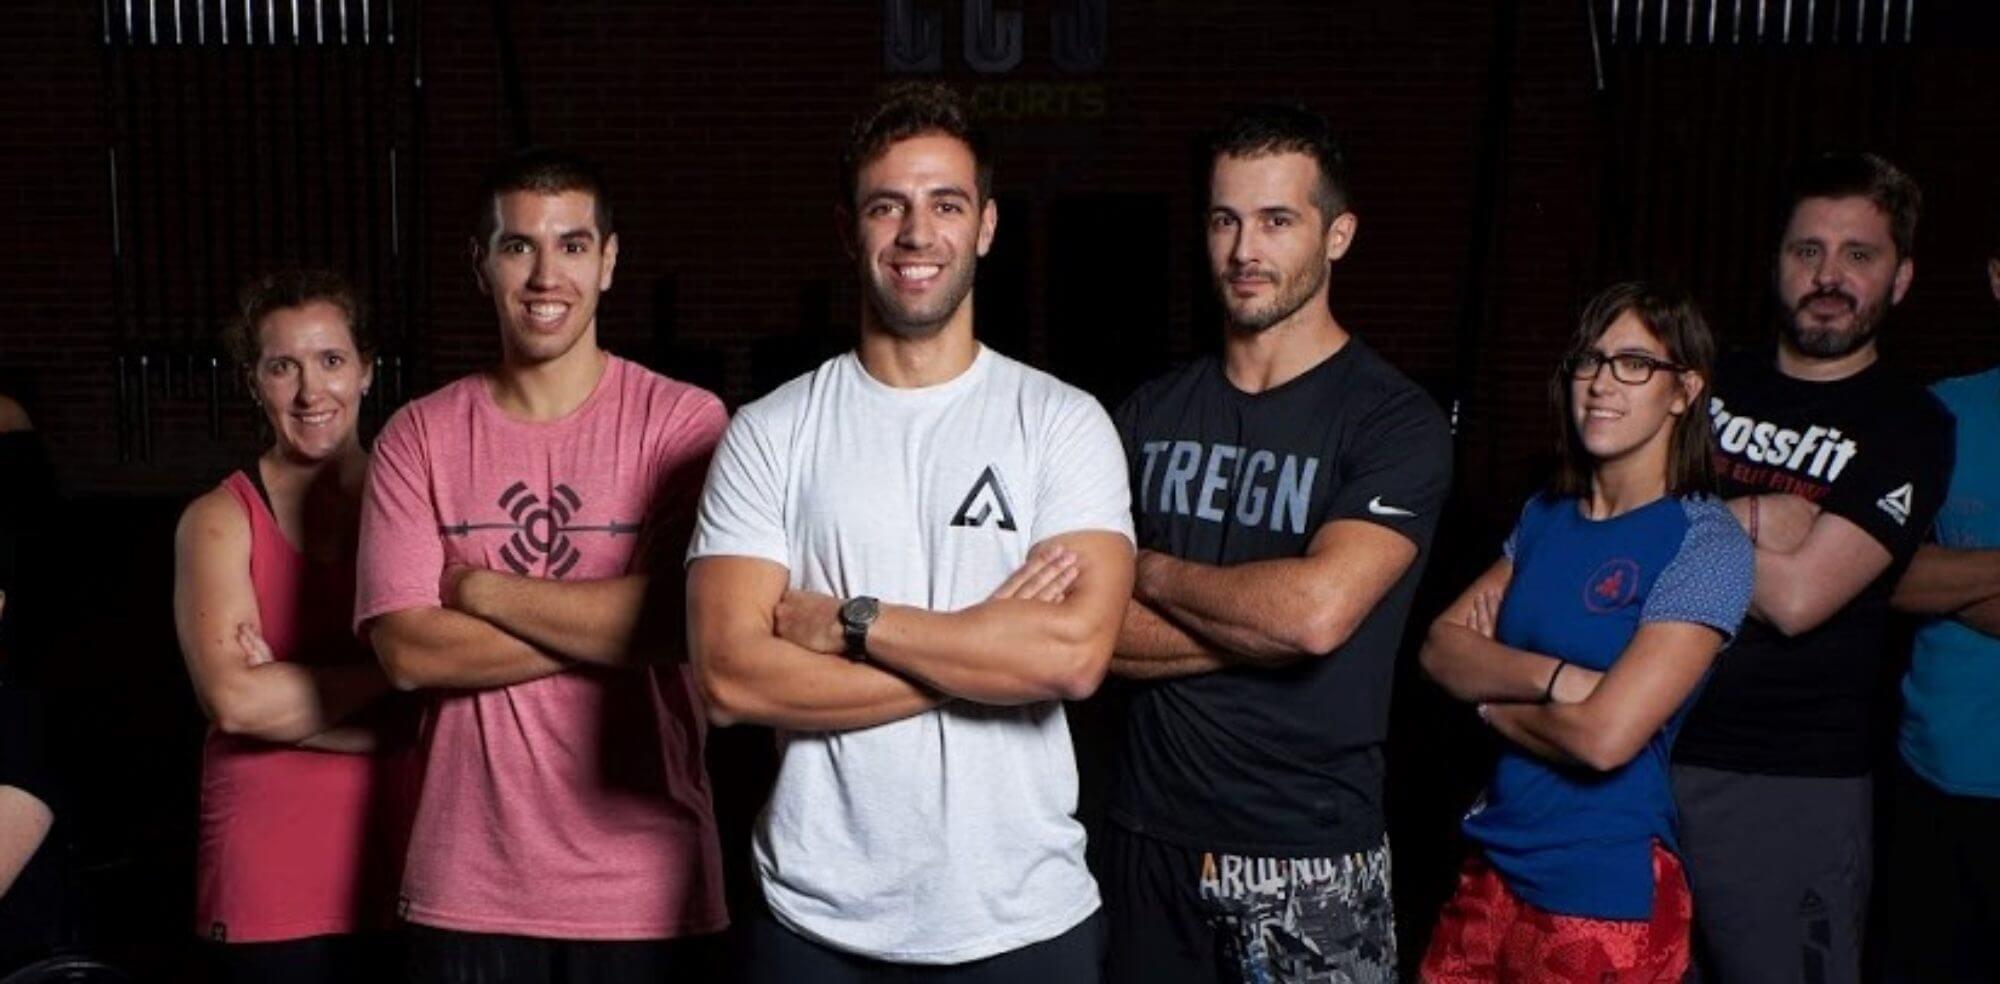 Limited Edition Athletes miembros de la asociación